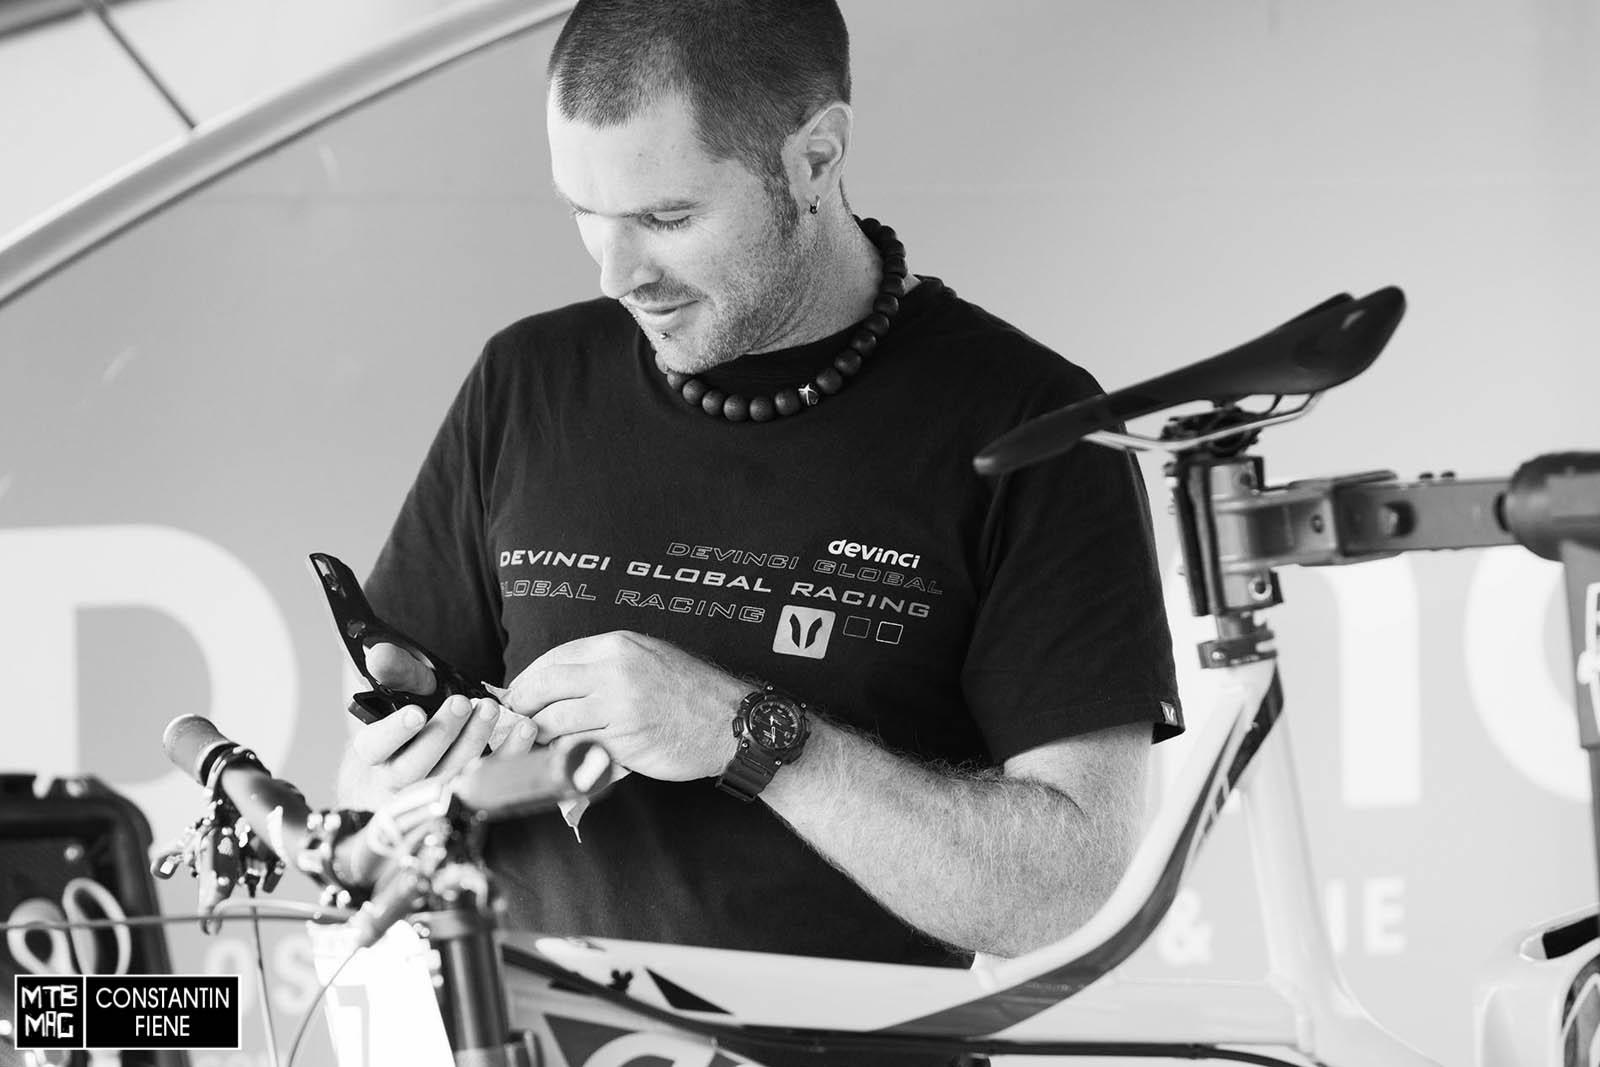 Stevie Smith Mechaniker Nigel säubert mit einer Menge Herzblut jedes Detail - auch die Kettenführung.